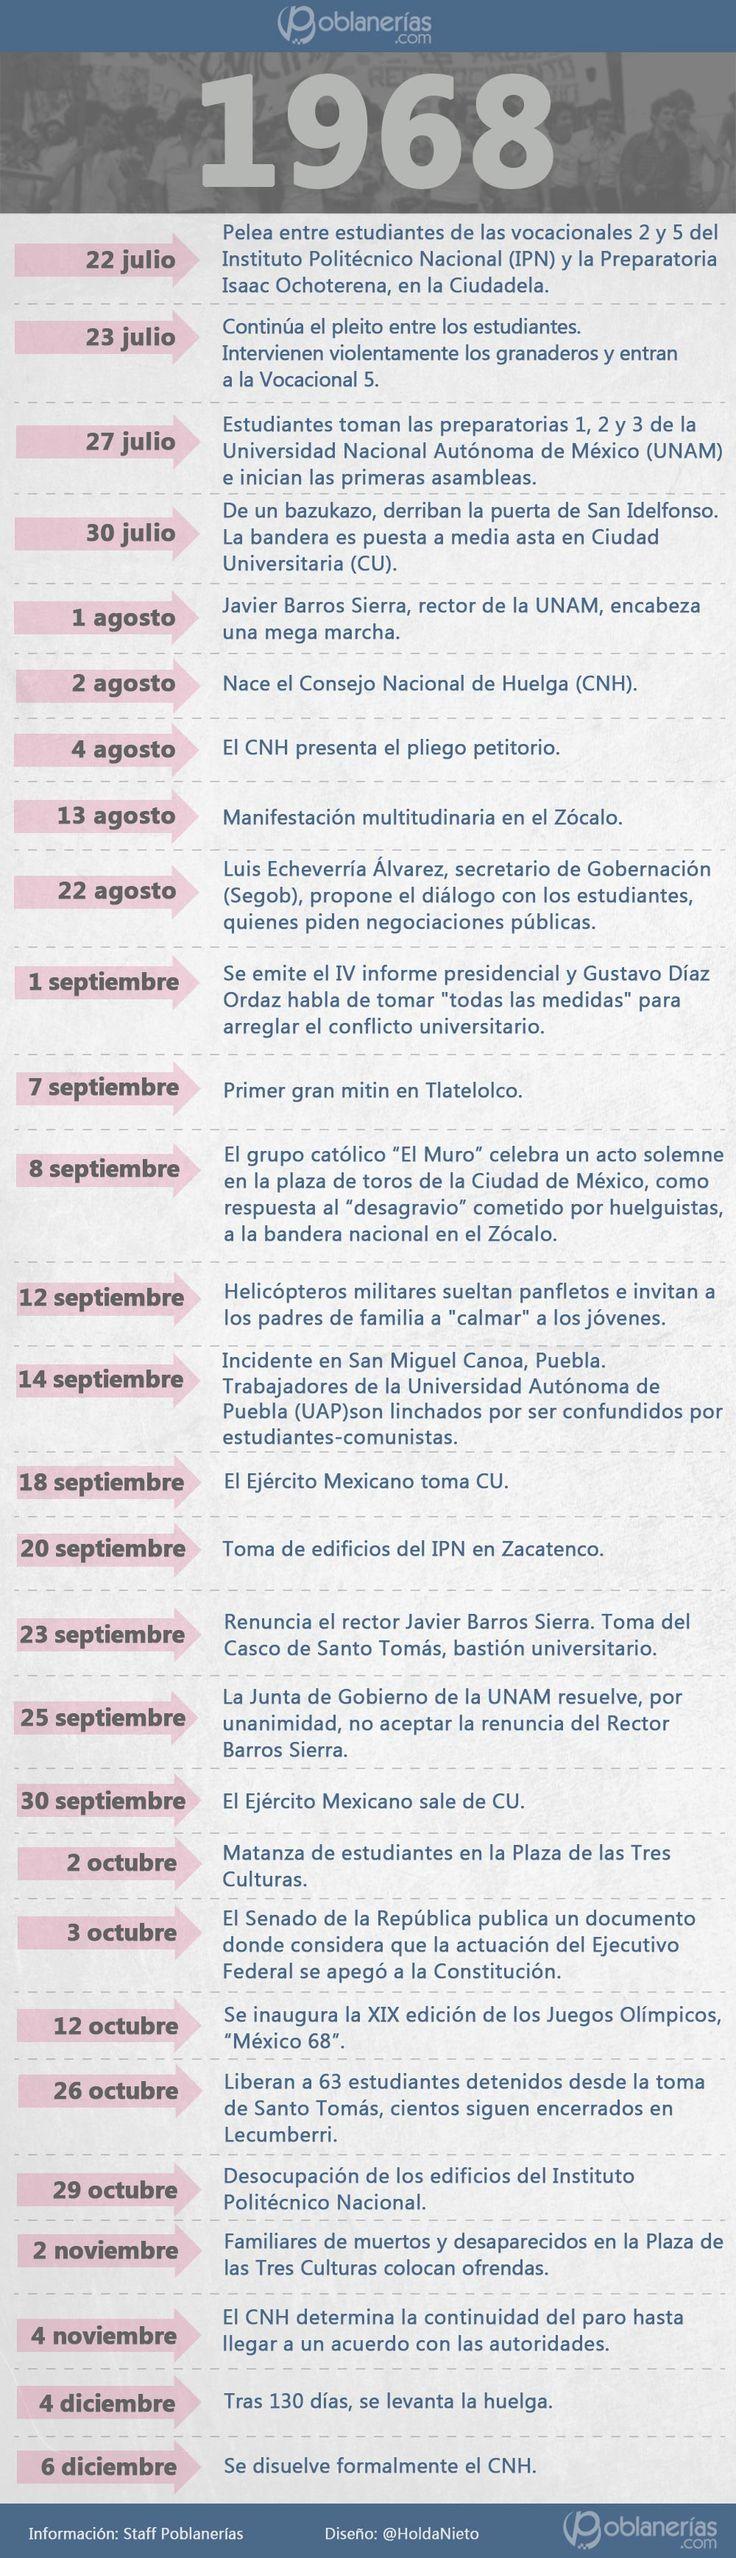 Así se desarrollaron los hechos, antes y después de la matanza en la Plaza de las Tres Culturas, en Tlatelolco.